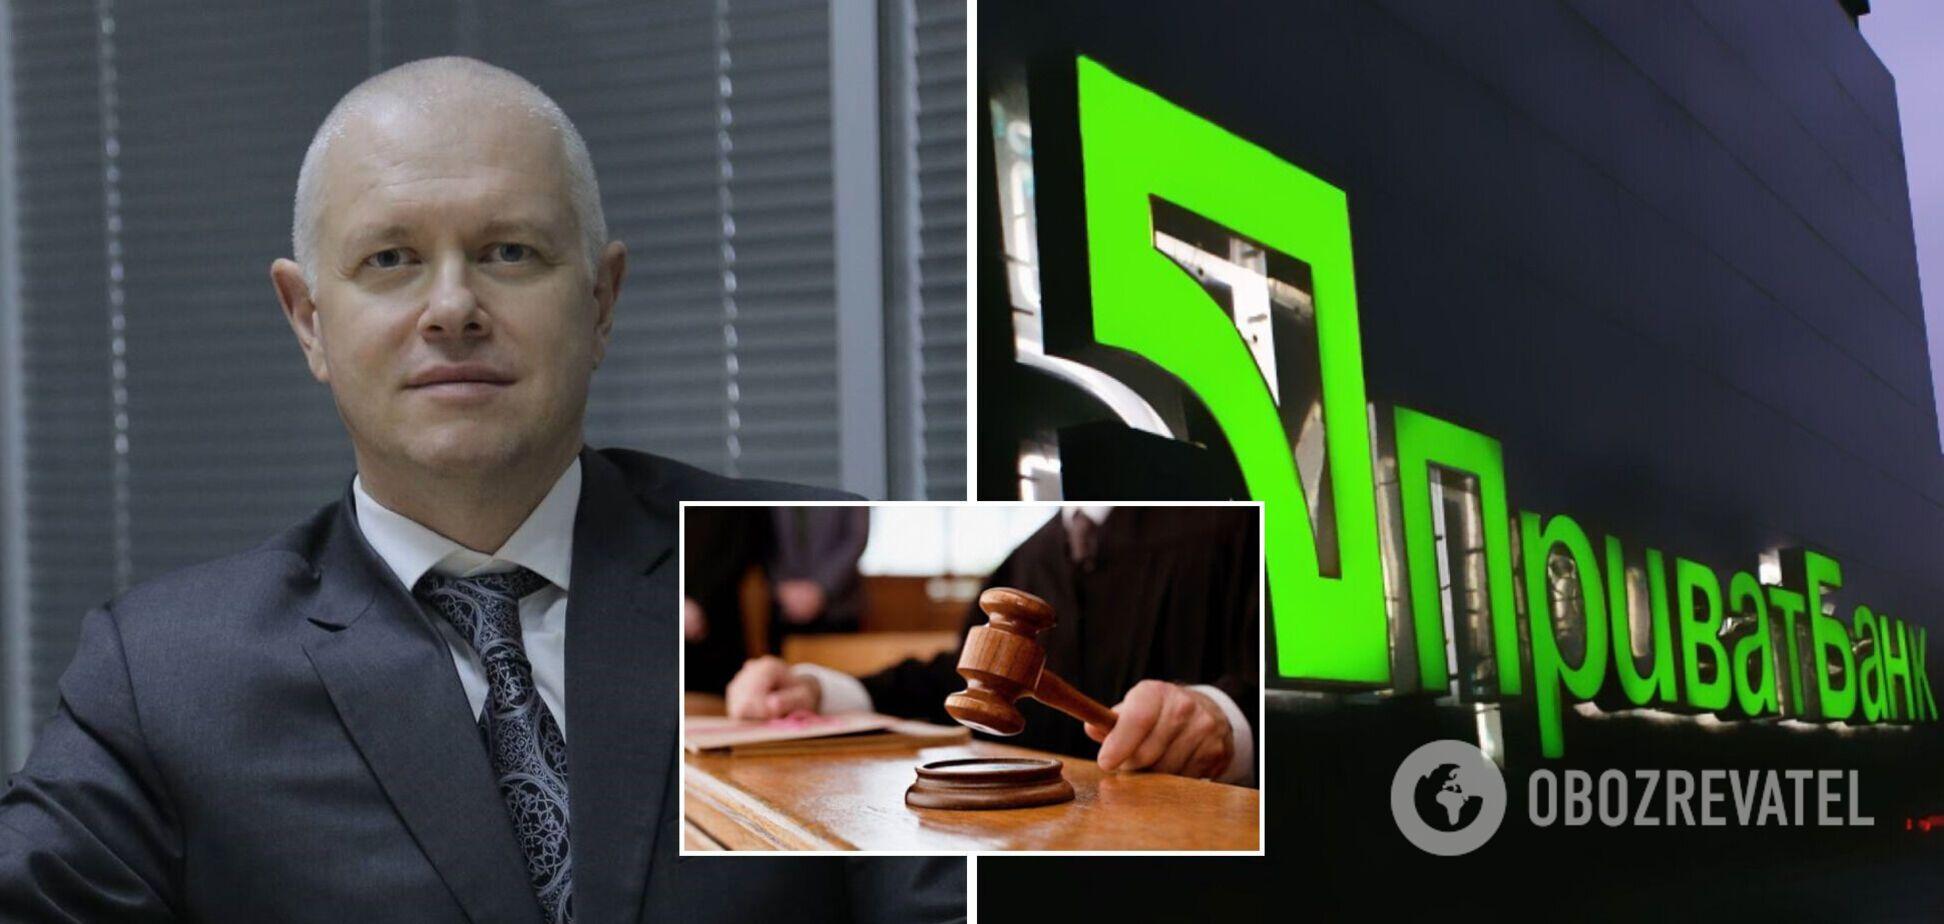 Бывший топ-менеджер ПриватБанка Яценко внес 52 млн грн залога